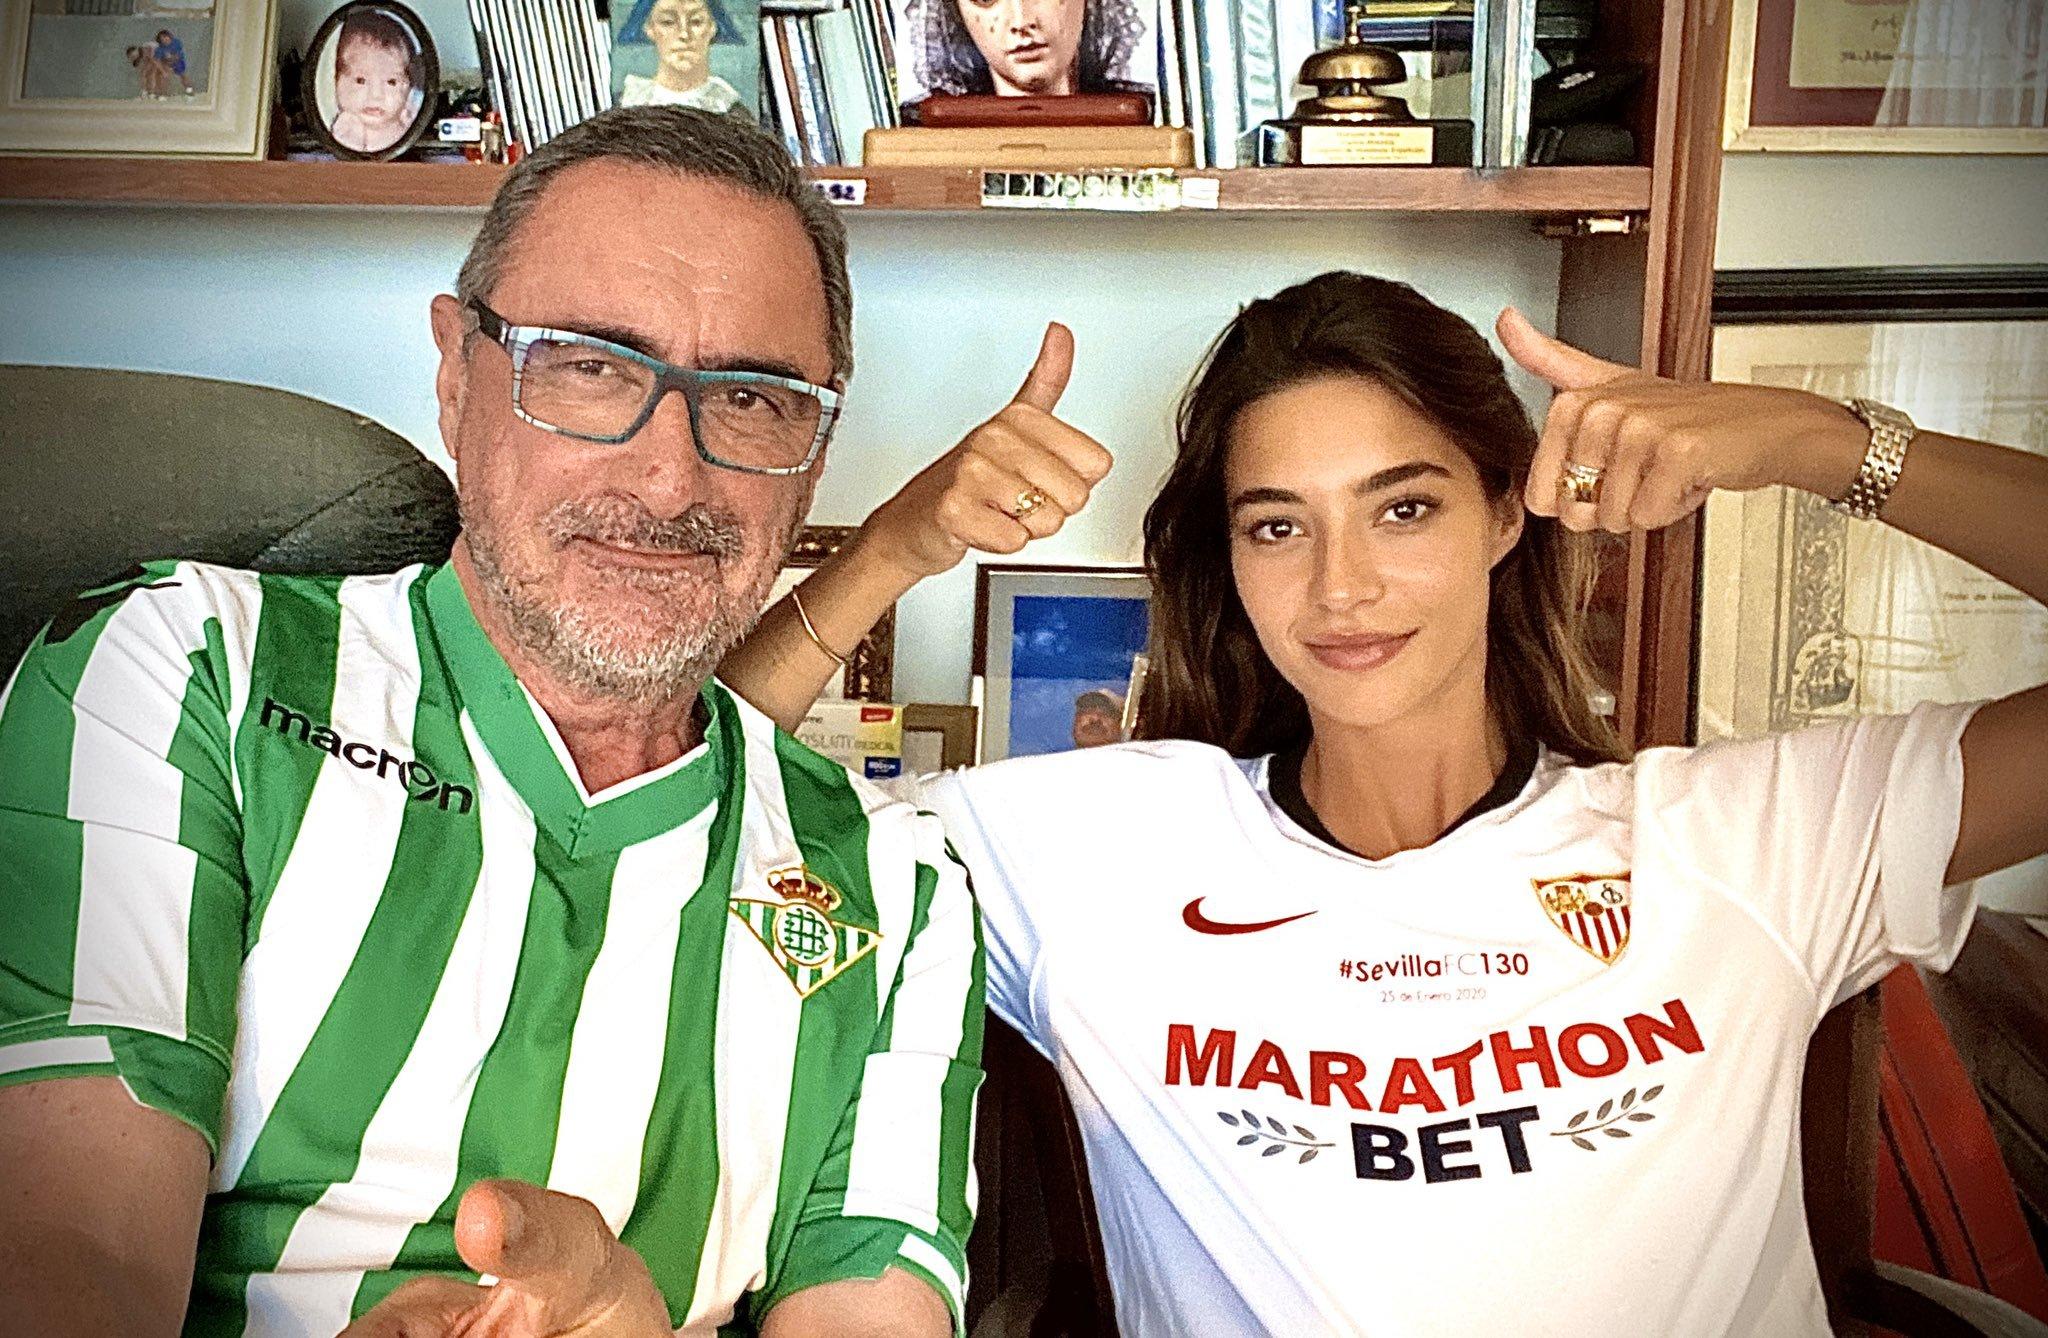 Carlos Herrera (Betis) y Rocío Crusset (Sevilla), el derbi sevillano...